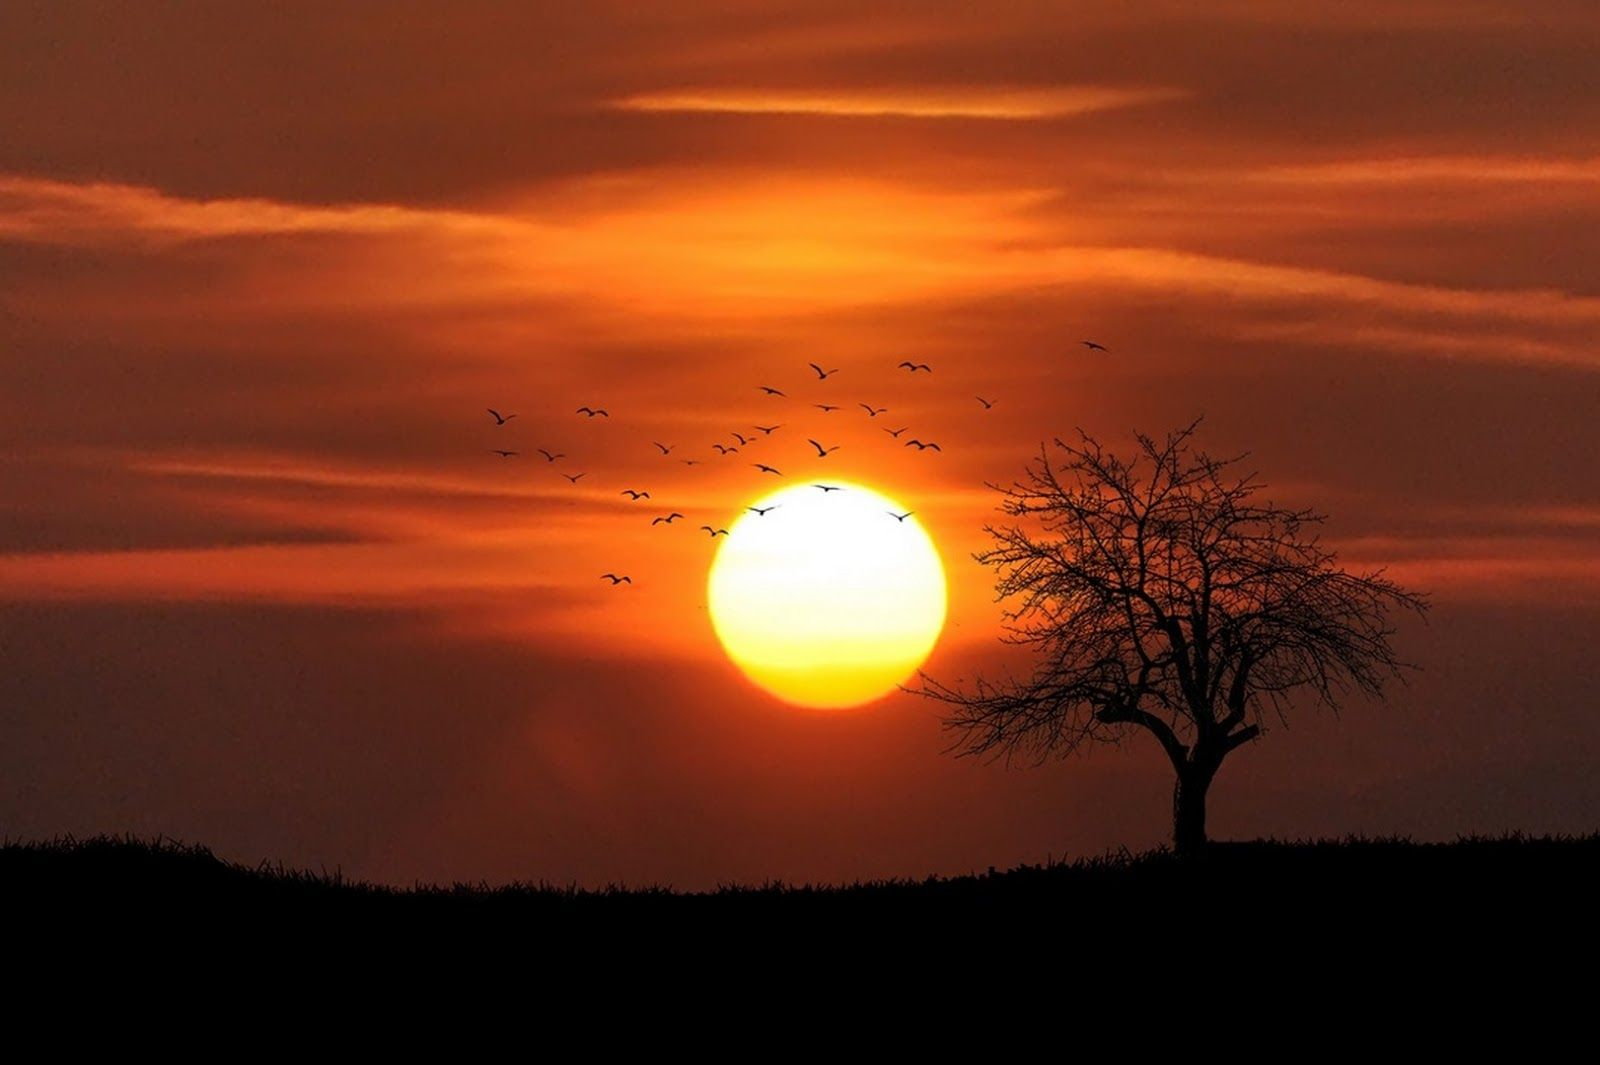 احدث صور خلفيات كمبيوتر Hd 2019 بجودة عالية Background Photography Sunset Pictures Sunset Photography Nature Sunset Photography